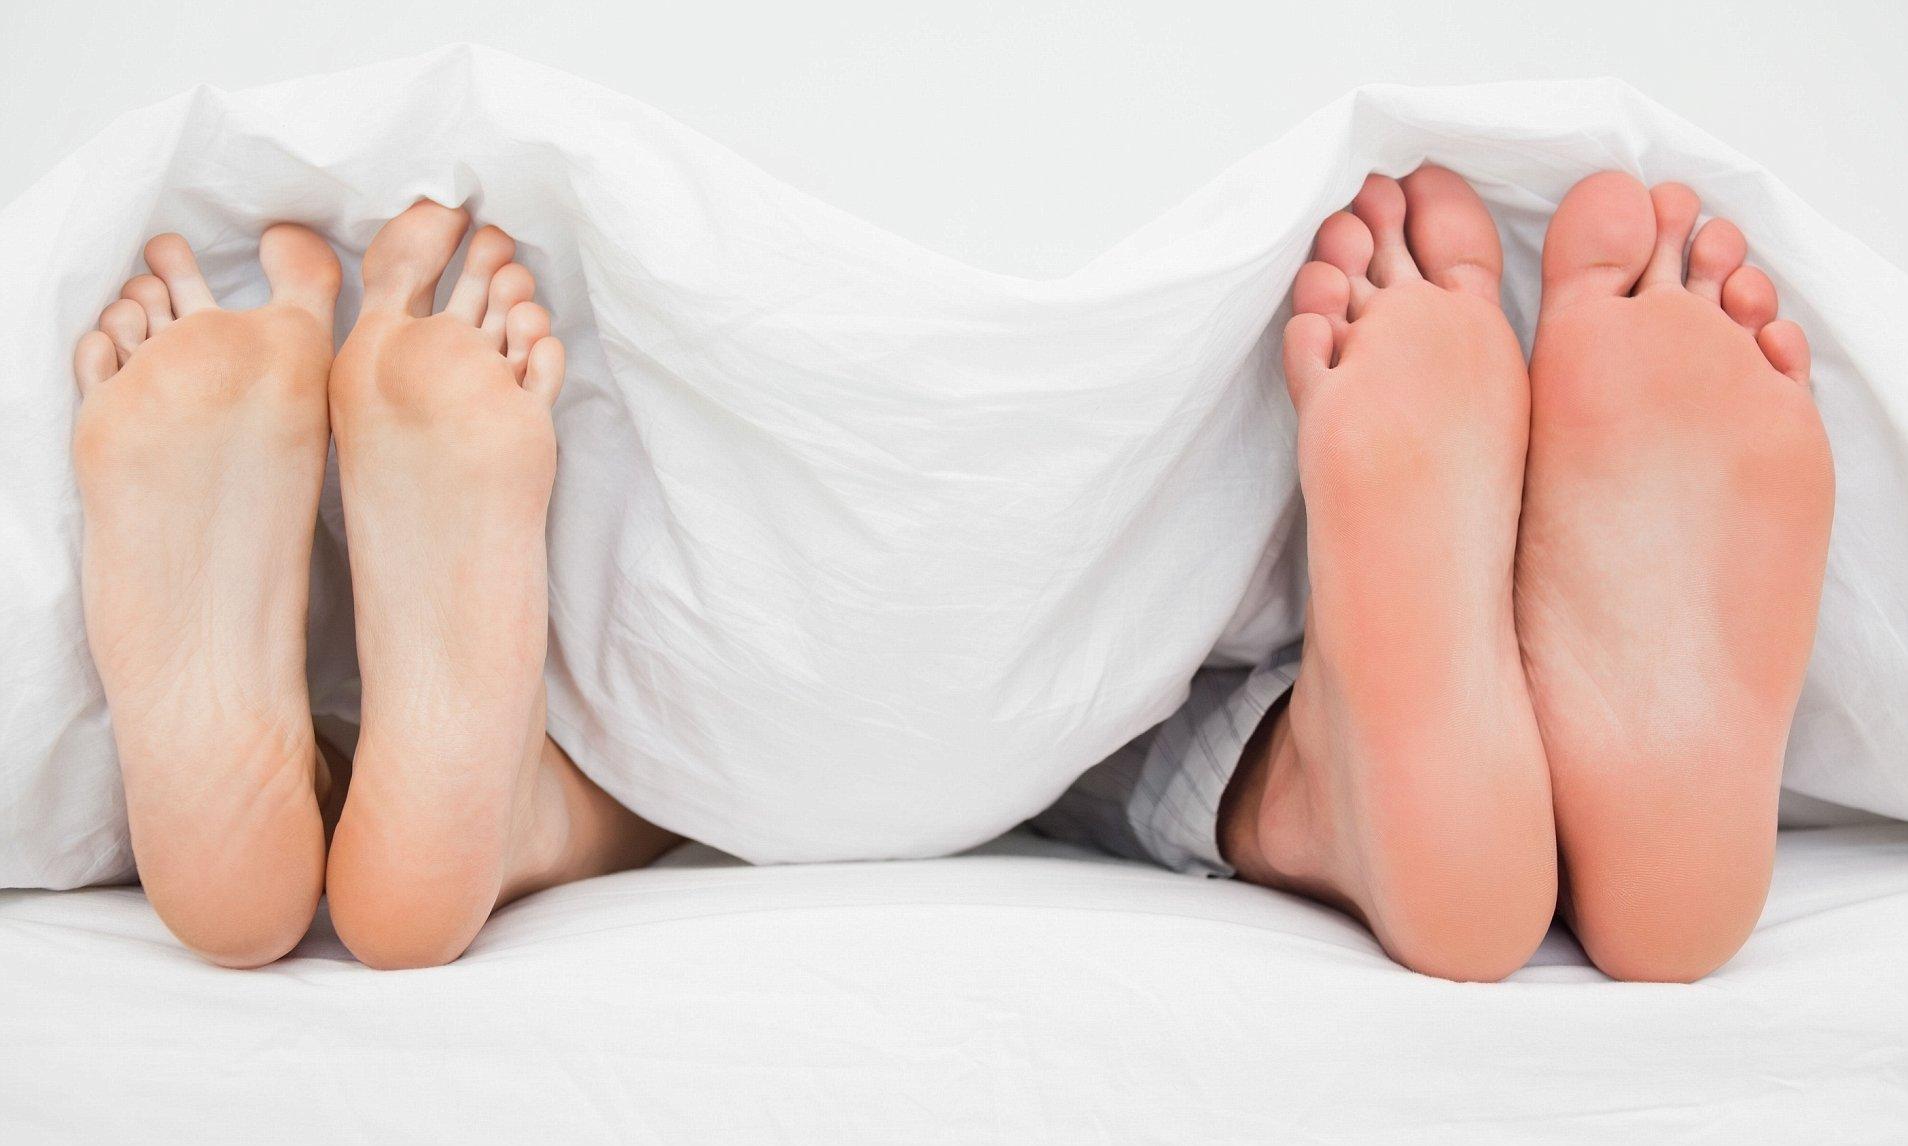 Phụ nữ nên không mặc hay mặc đồ lót khi đi ngủ?